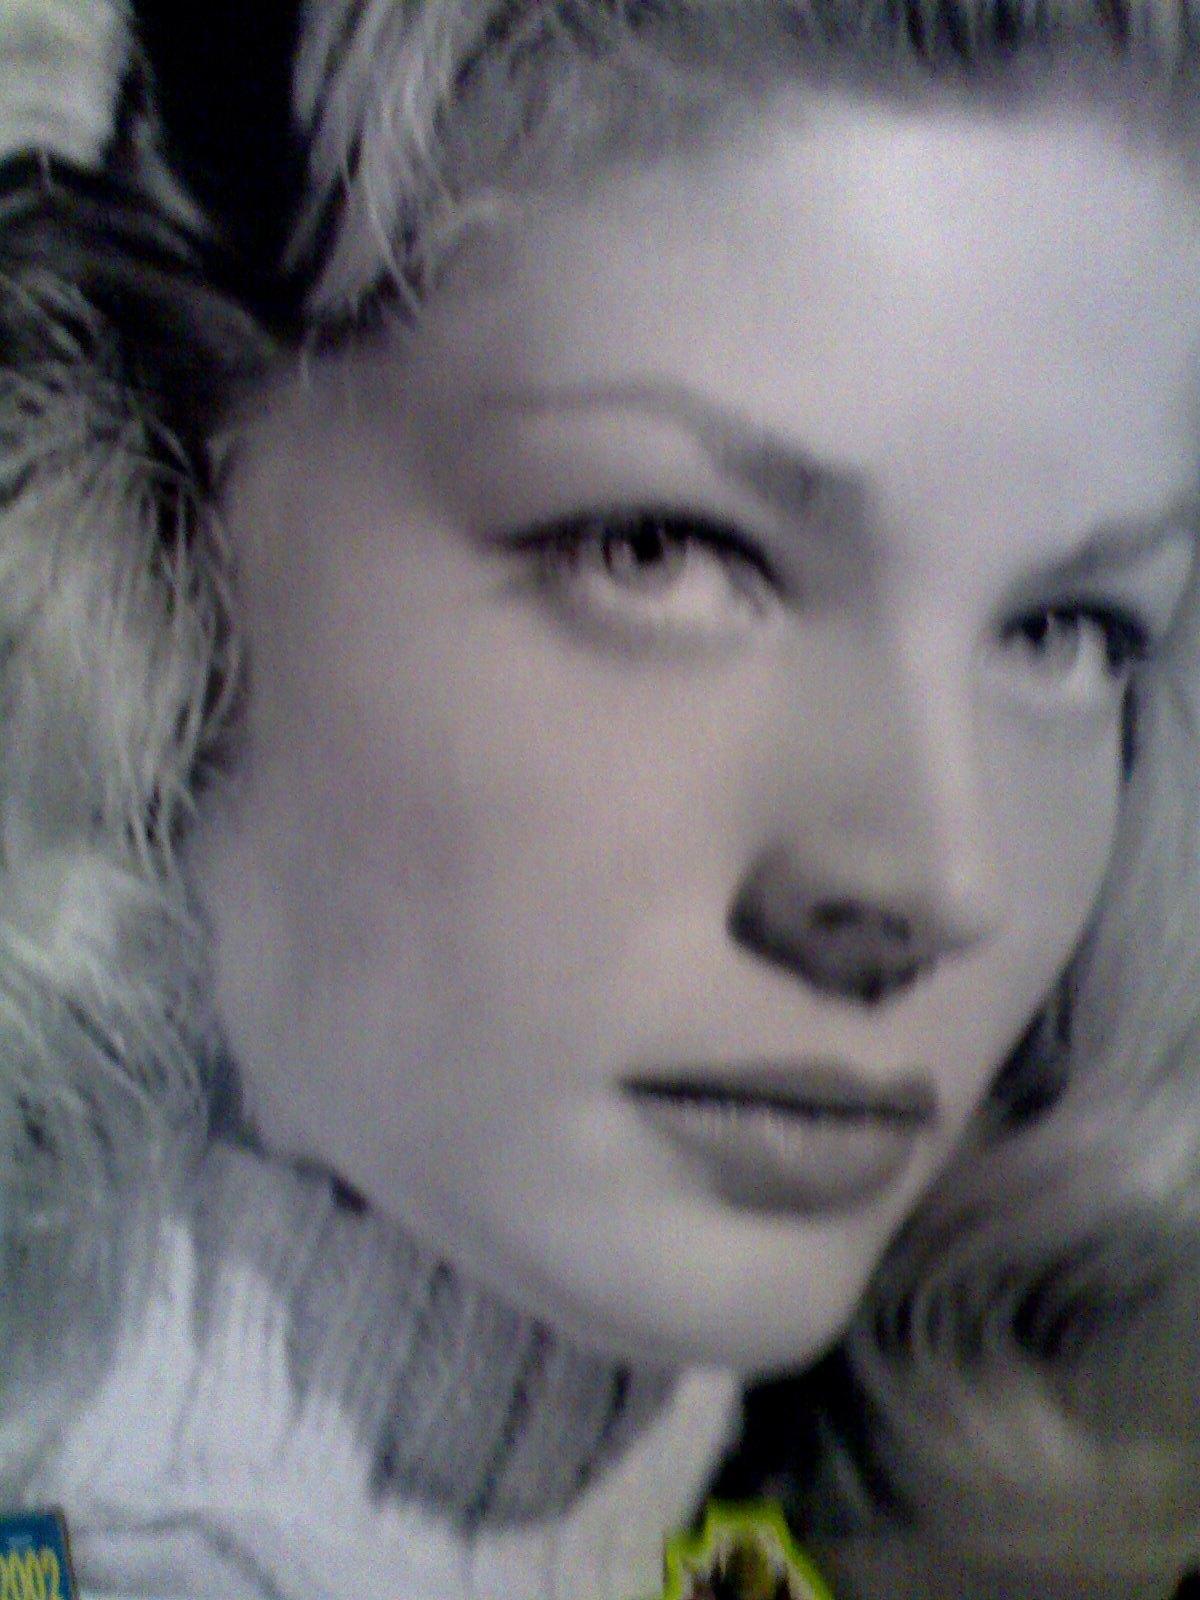 http://2.bp.blogspot.com/-mx9lRfdQ-pw/TxbEmmPVwKI/AAAAAAAAEkc/5hdozcEuPIM/s1600/Luren+Bacall+%25281%2529.jpg